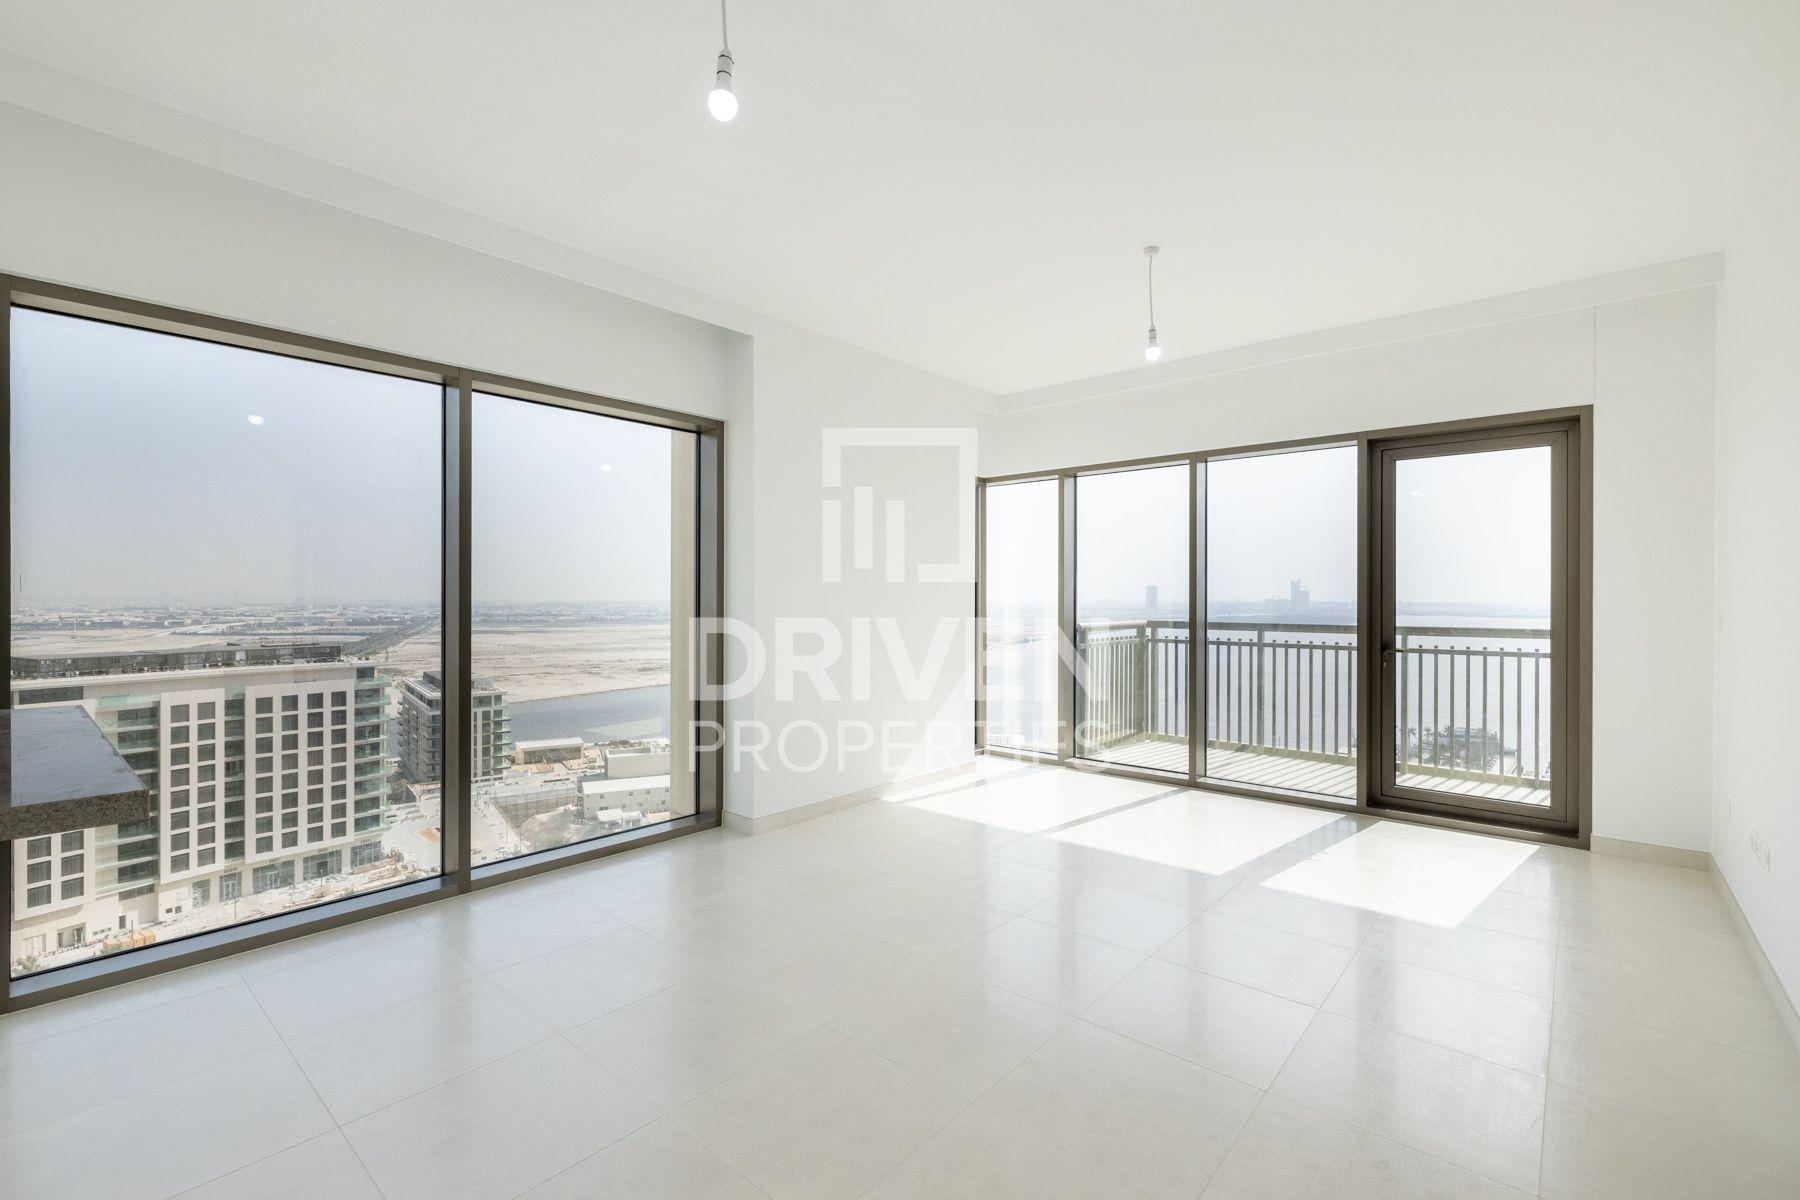 1,630 قدم مربع  شقة - للبيع - ميناء خور دبي